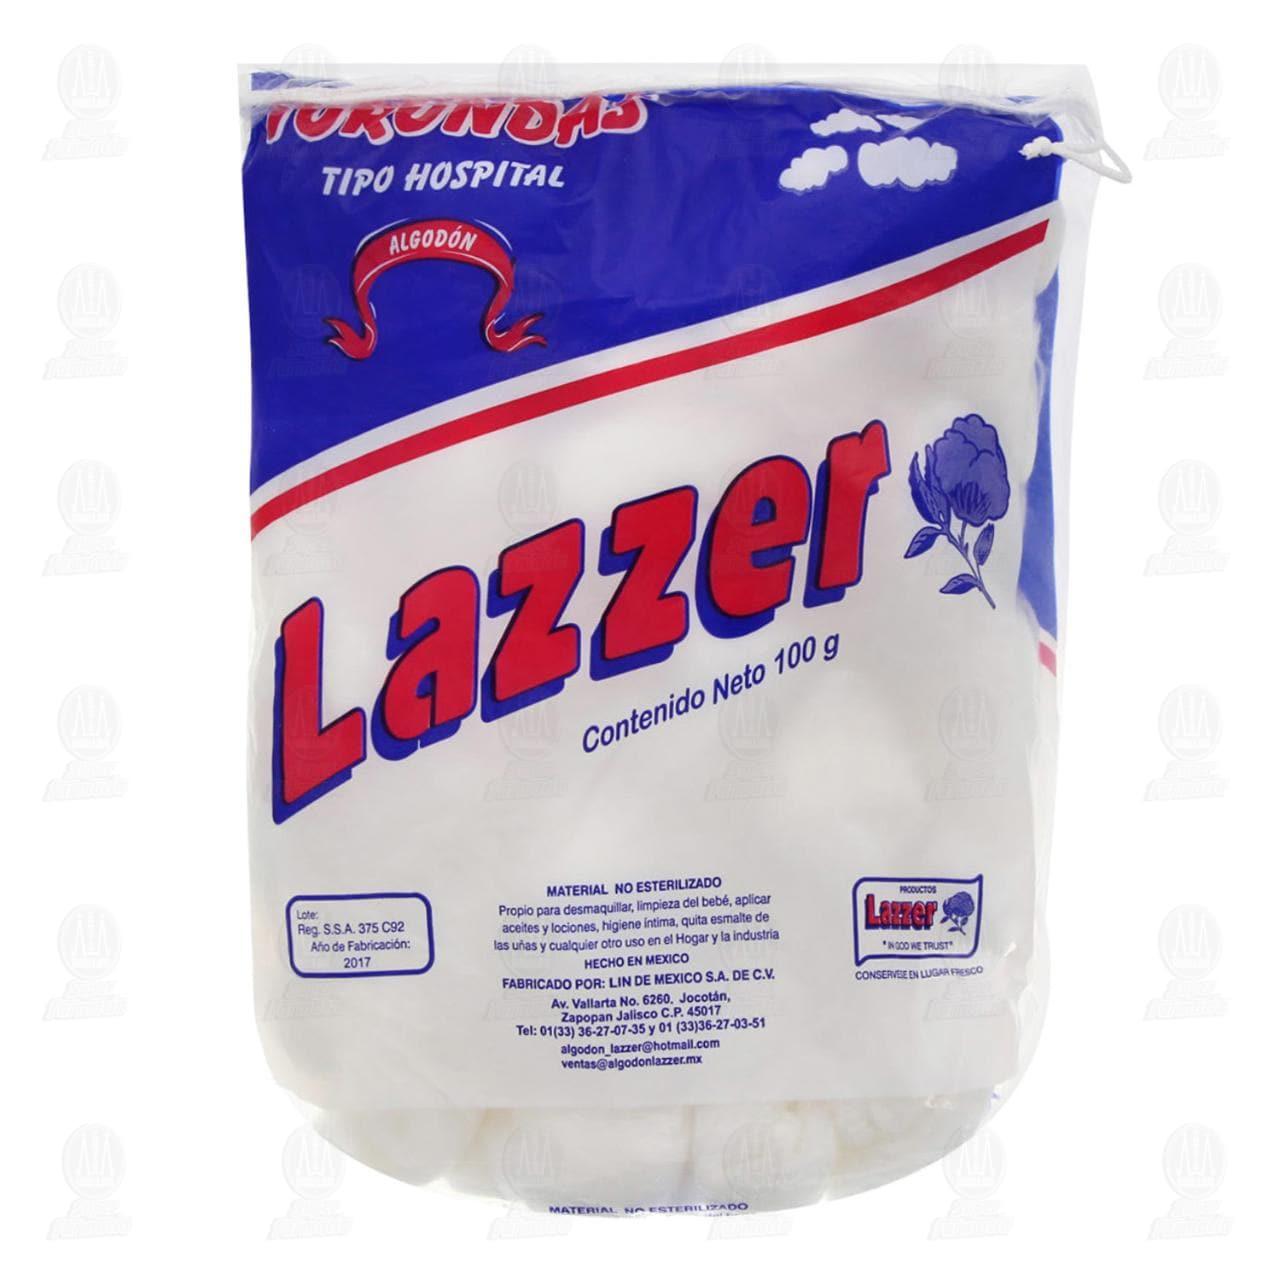 Comprar Algodón Lazzer 100gr Torundas en Farmacias Guadalajara